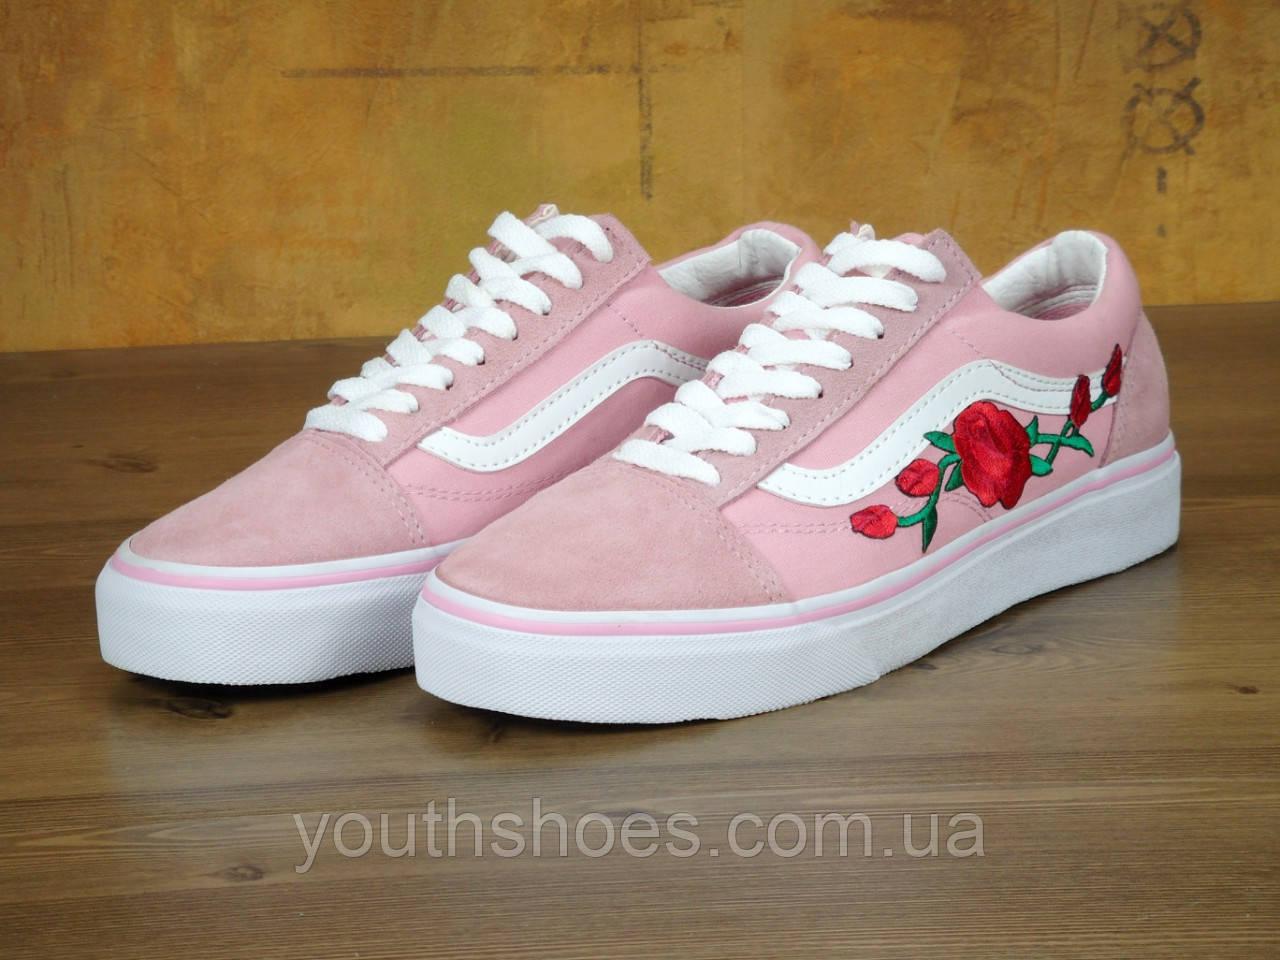 4e26d6d6 Кеды женские Vans Old Skool Pink Roses